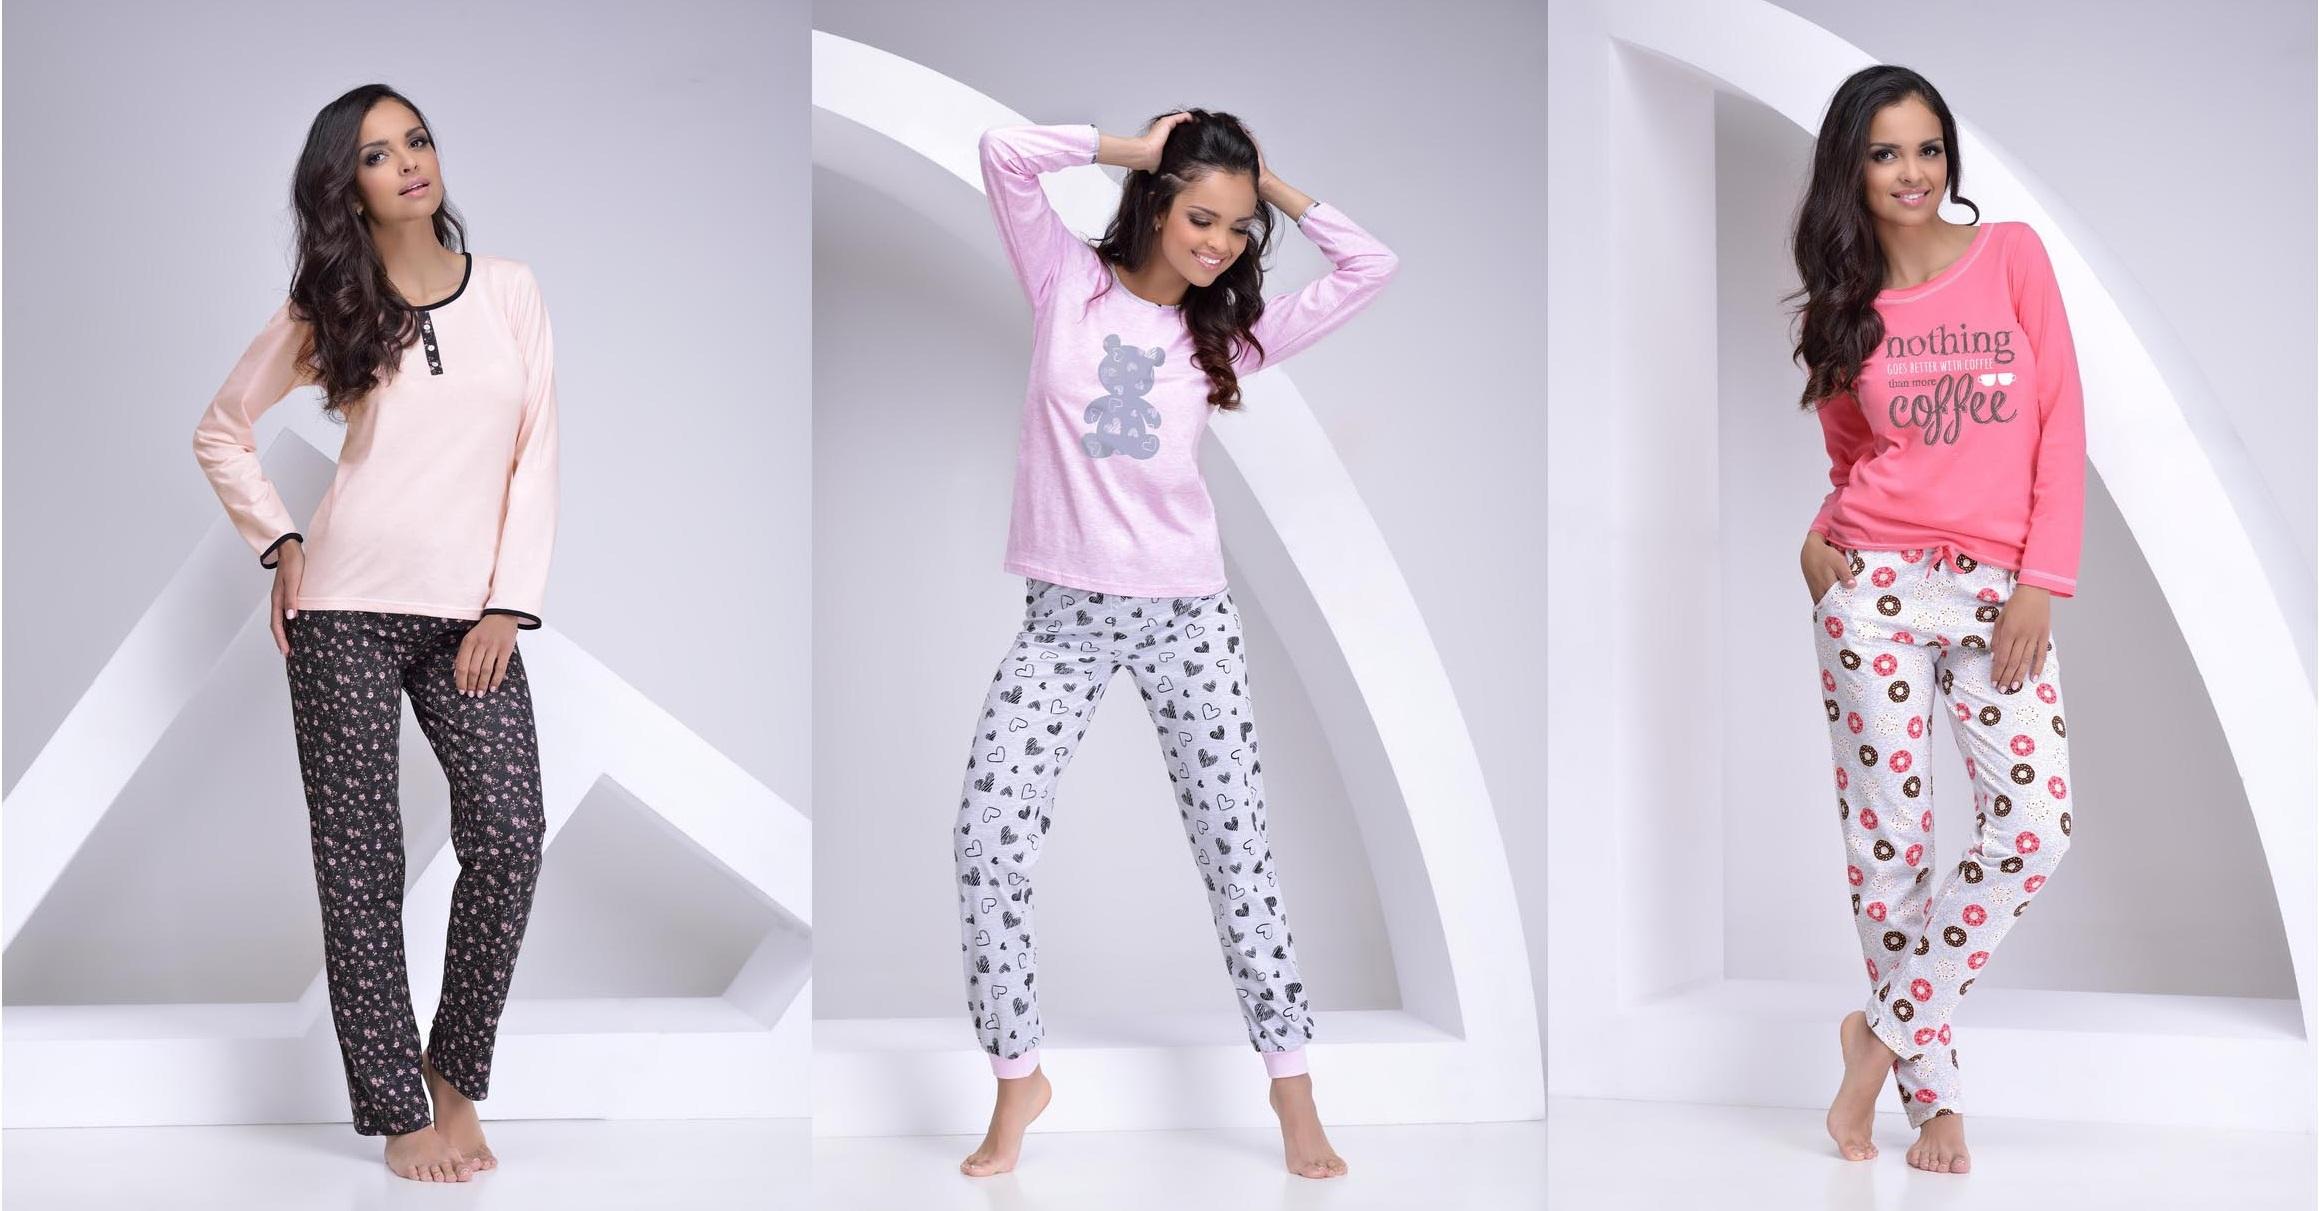 Женские пижамы TARO хлопок купить интернет магазин relish.com.ua